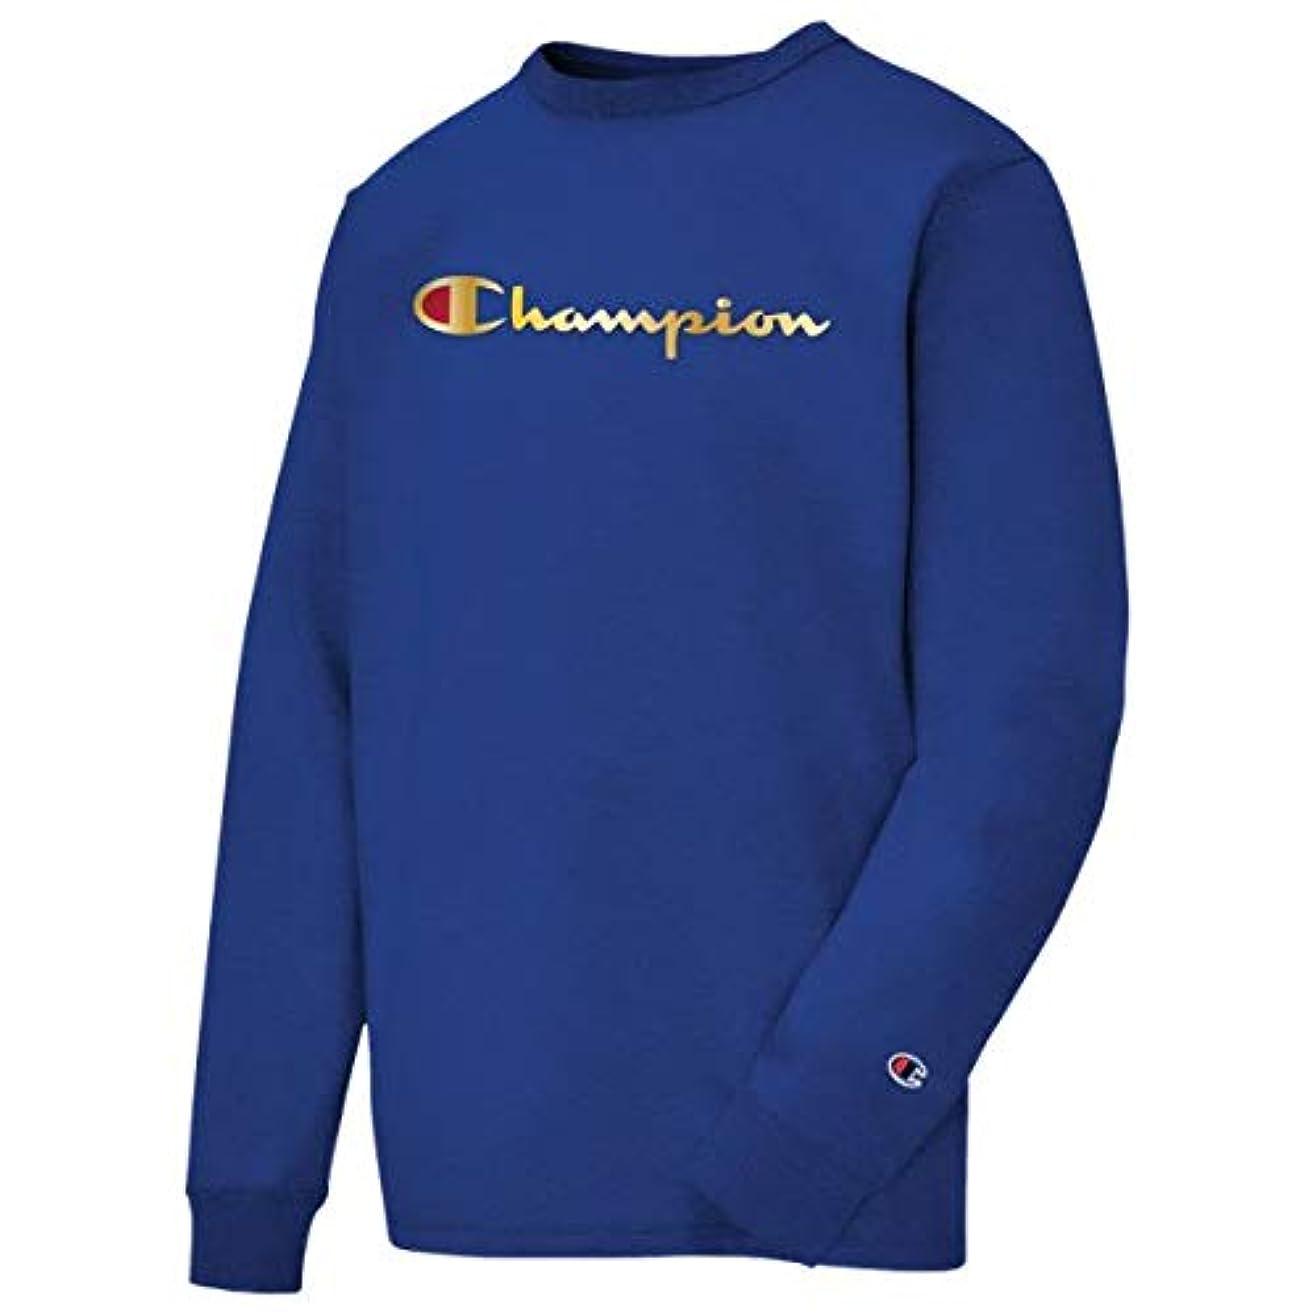 歩行者バット世界に死んだ(チャンピオン)Champion Heritage Gold Script L/S T-Shirt メンズ Tシャツ [並行輸入品]